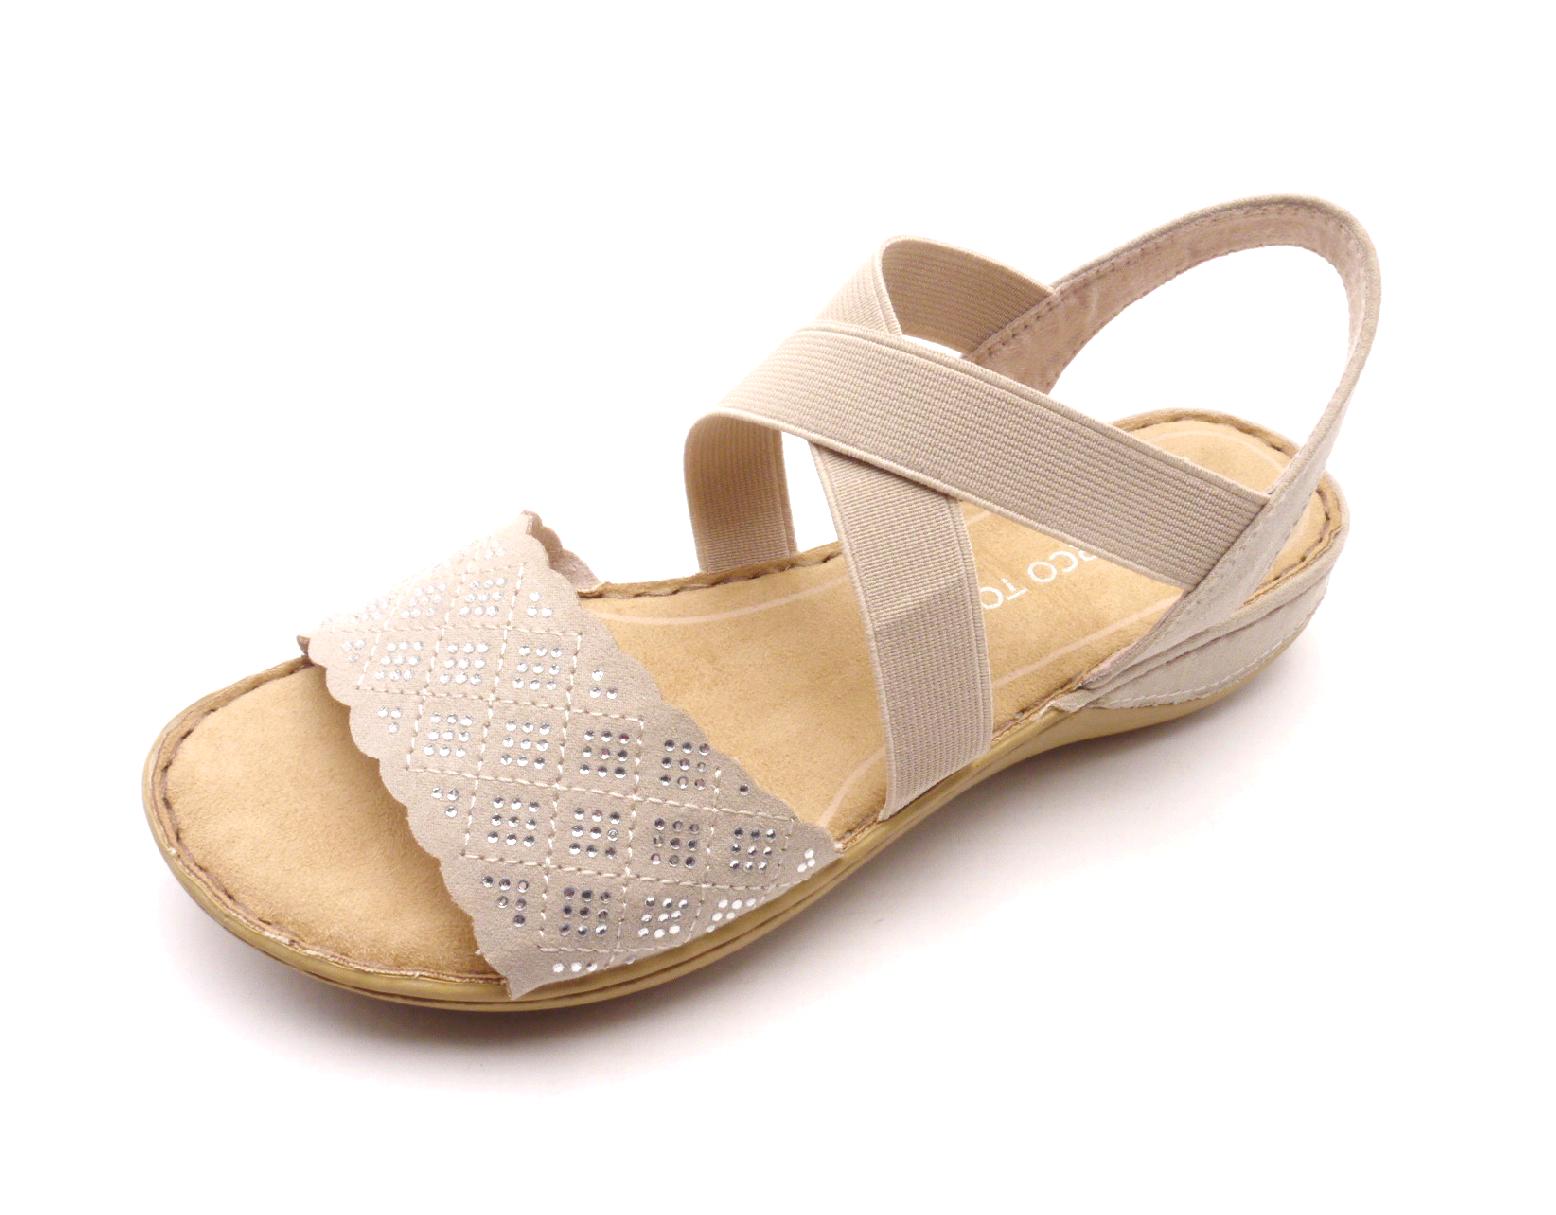 Marco Tozzi Dámské sandály 2-28503-28 béžové Velikost: 37